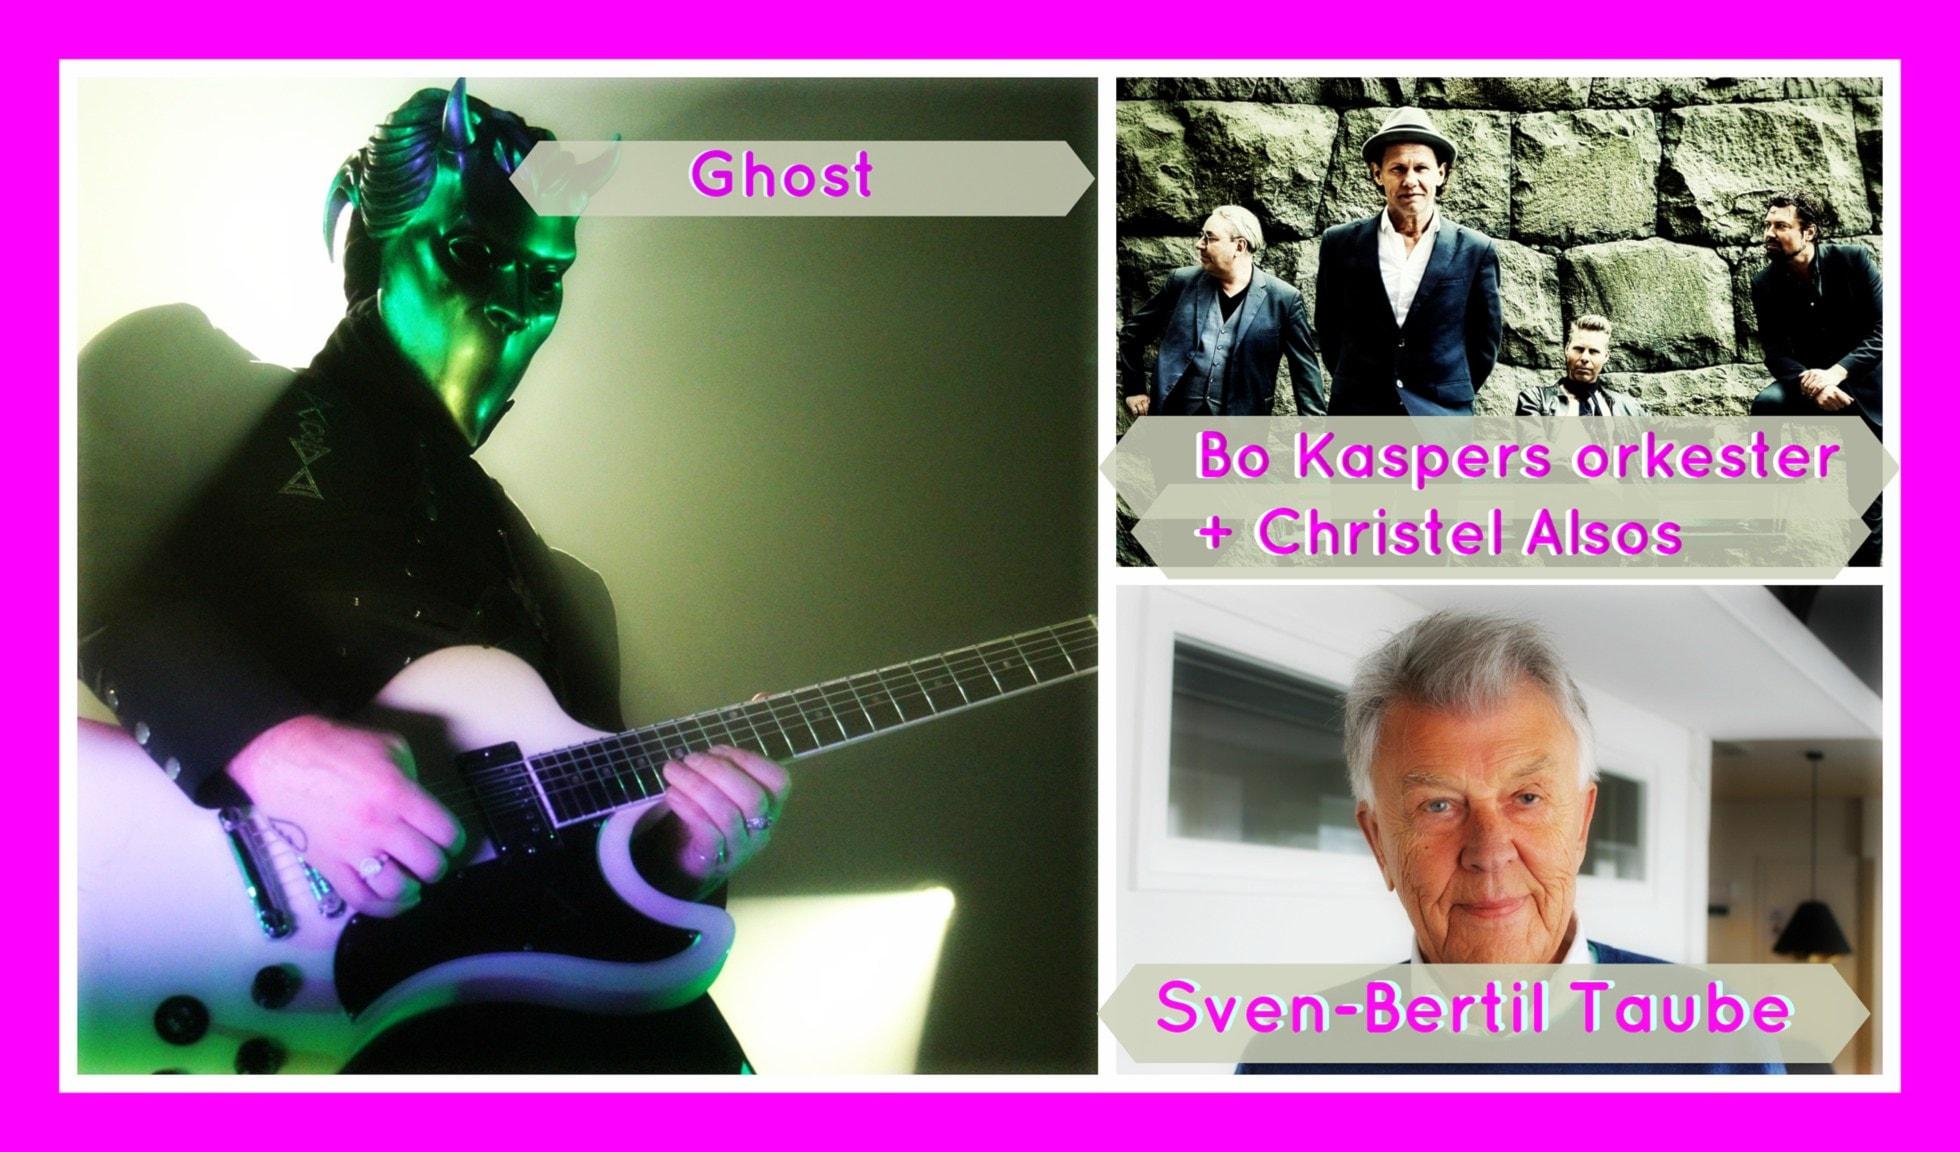 Ghost, Sven-Bertil Taube och BKO & Christel Alsos utmanar!